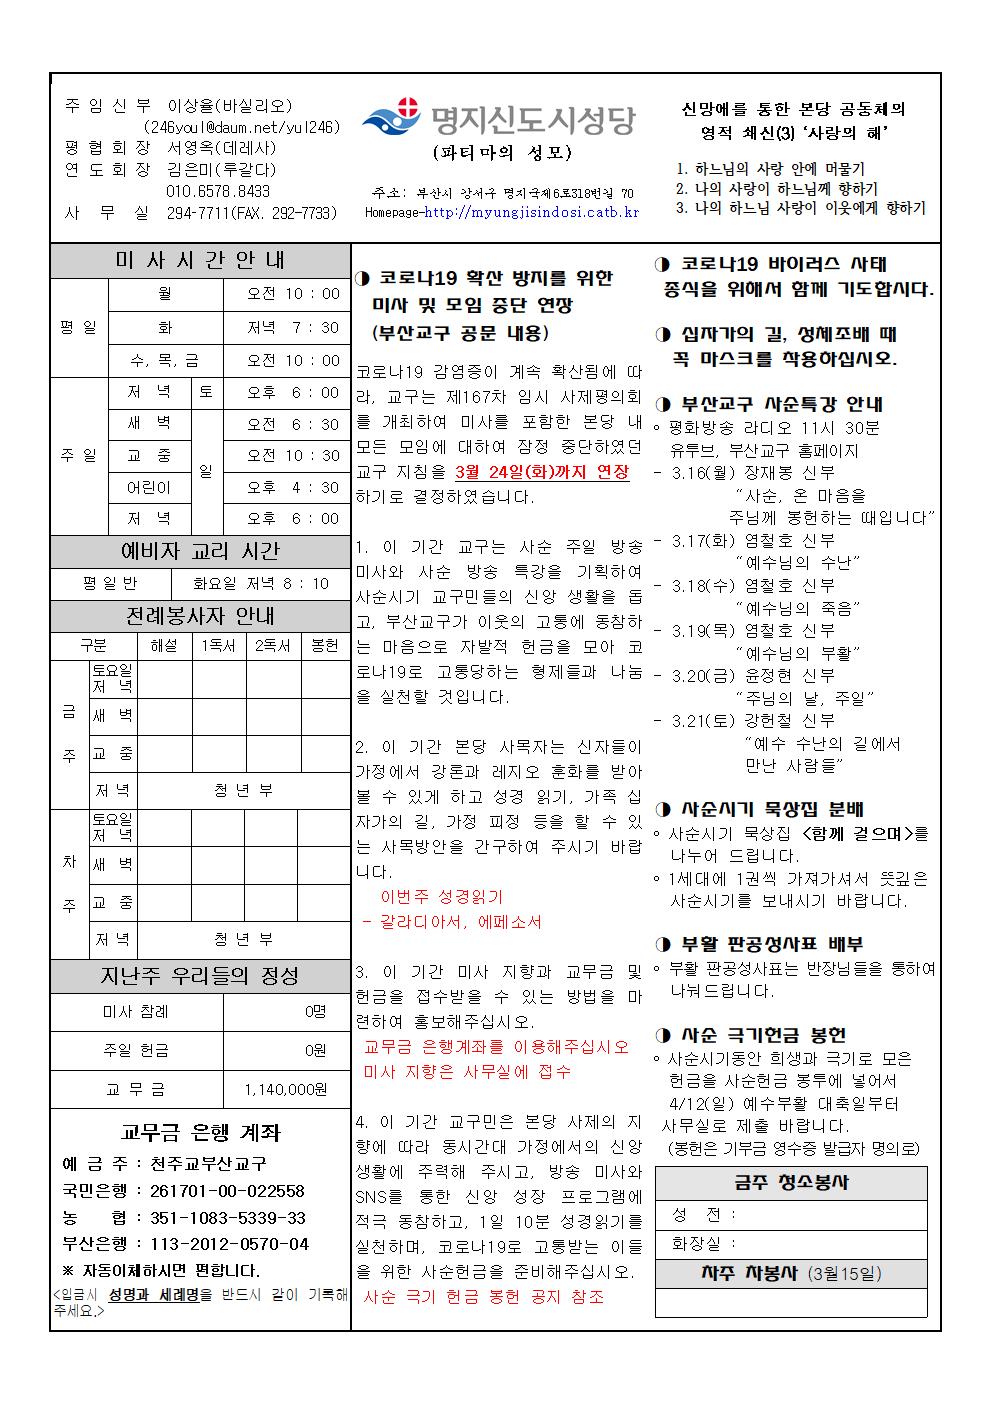 명지신도시20200315001.png